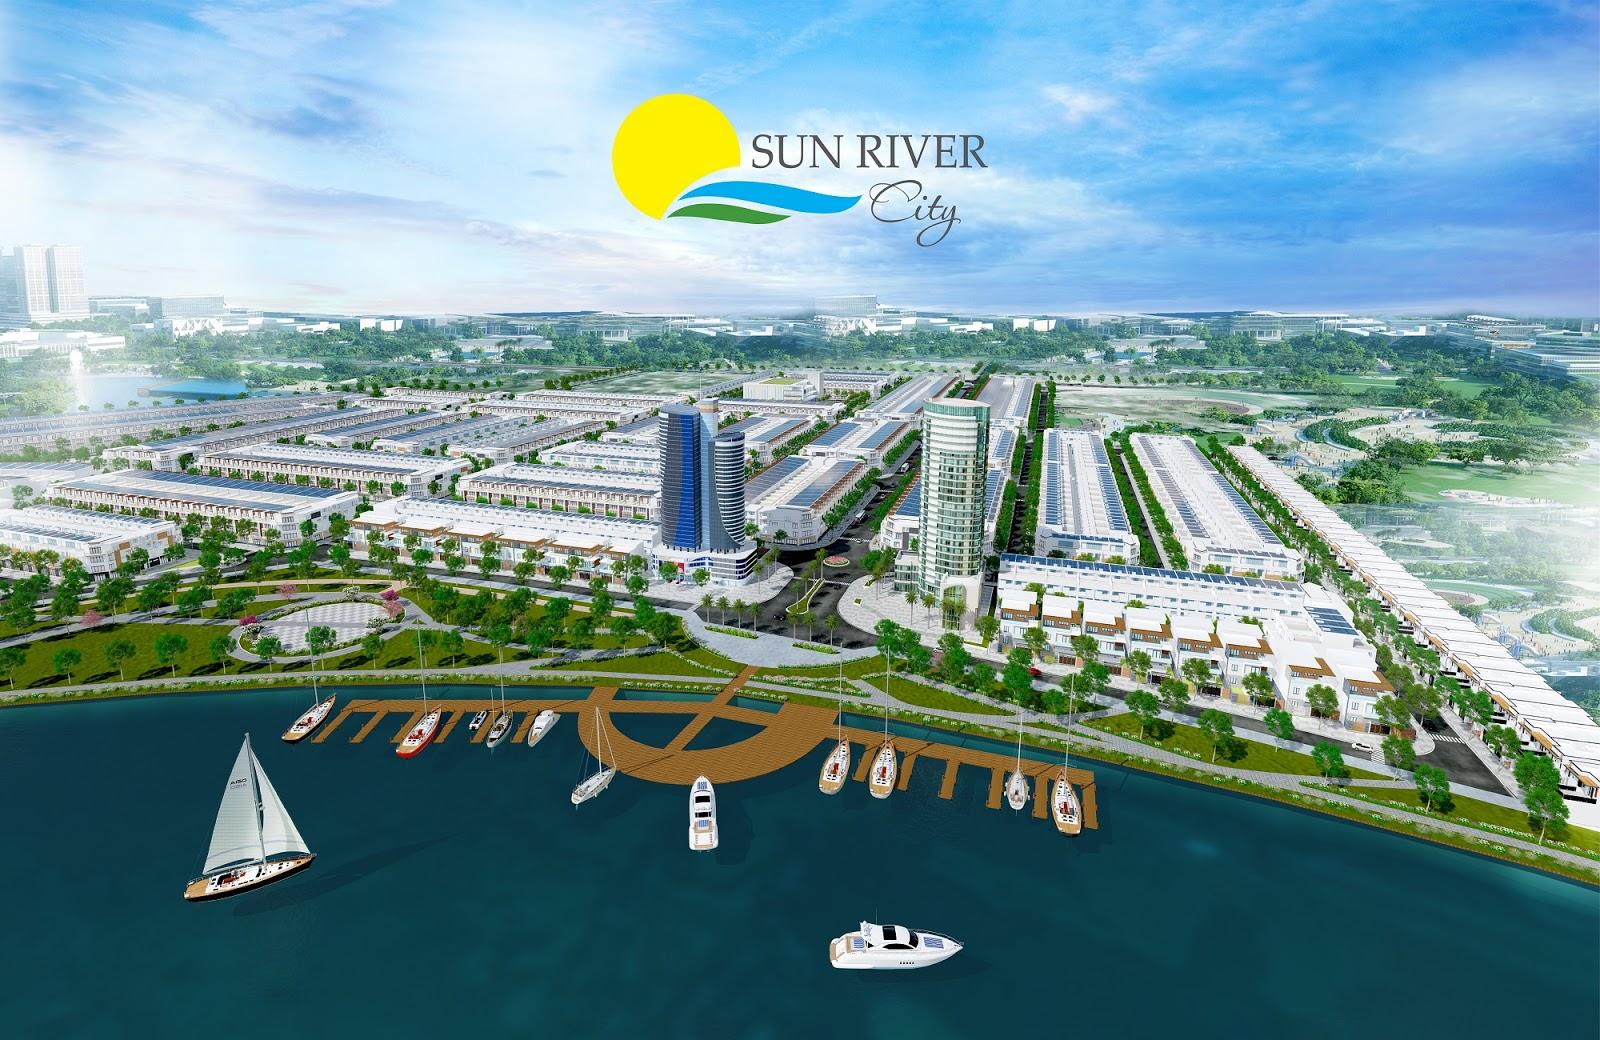 Mở bán 100 lô đất nền cạnh sông Cổ Cò dự án Sun river city